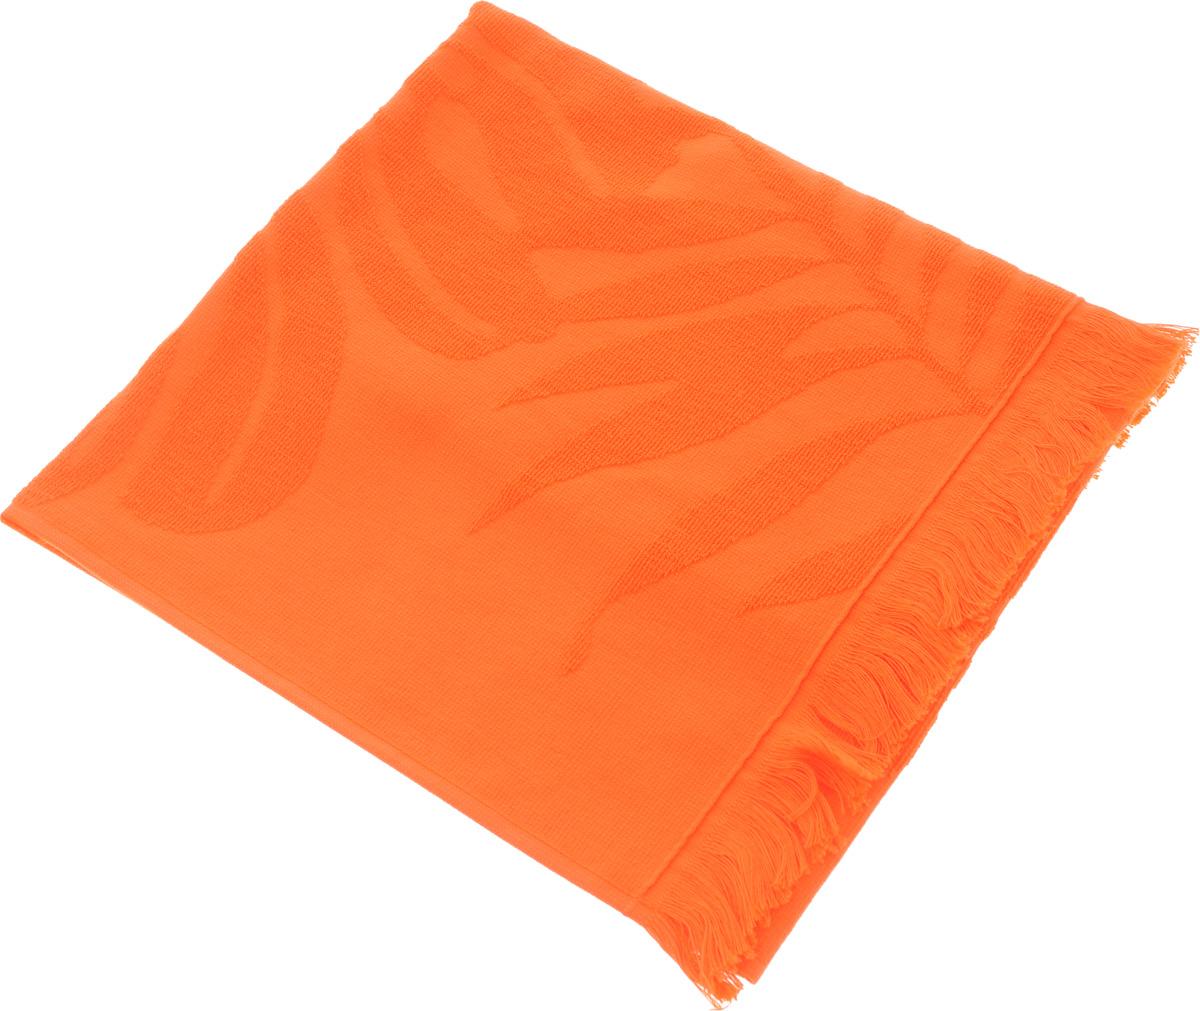 Полотенце Issimo Home Nadia, цвет: оранжевый, 50 x 90 см531-105Полотенце Issimo Home Nadia выполнено из 100% хлопка. Изделие отлично впитывает влагу, быстро сохнет, сохраняет яркость цвета и не теряет форму даже после многократных стирок. Полотенце очень практично и неприхотливо в уходе. Оно прекрасно дополнит интерьер ванной комнаты.